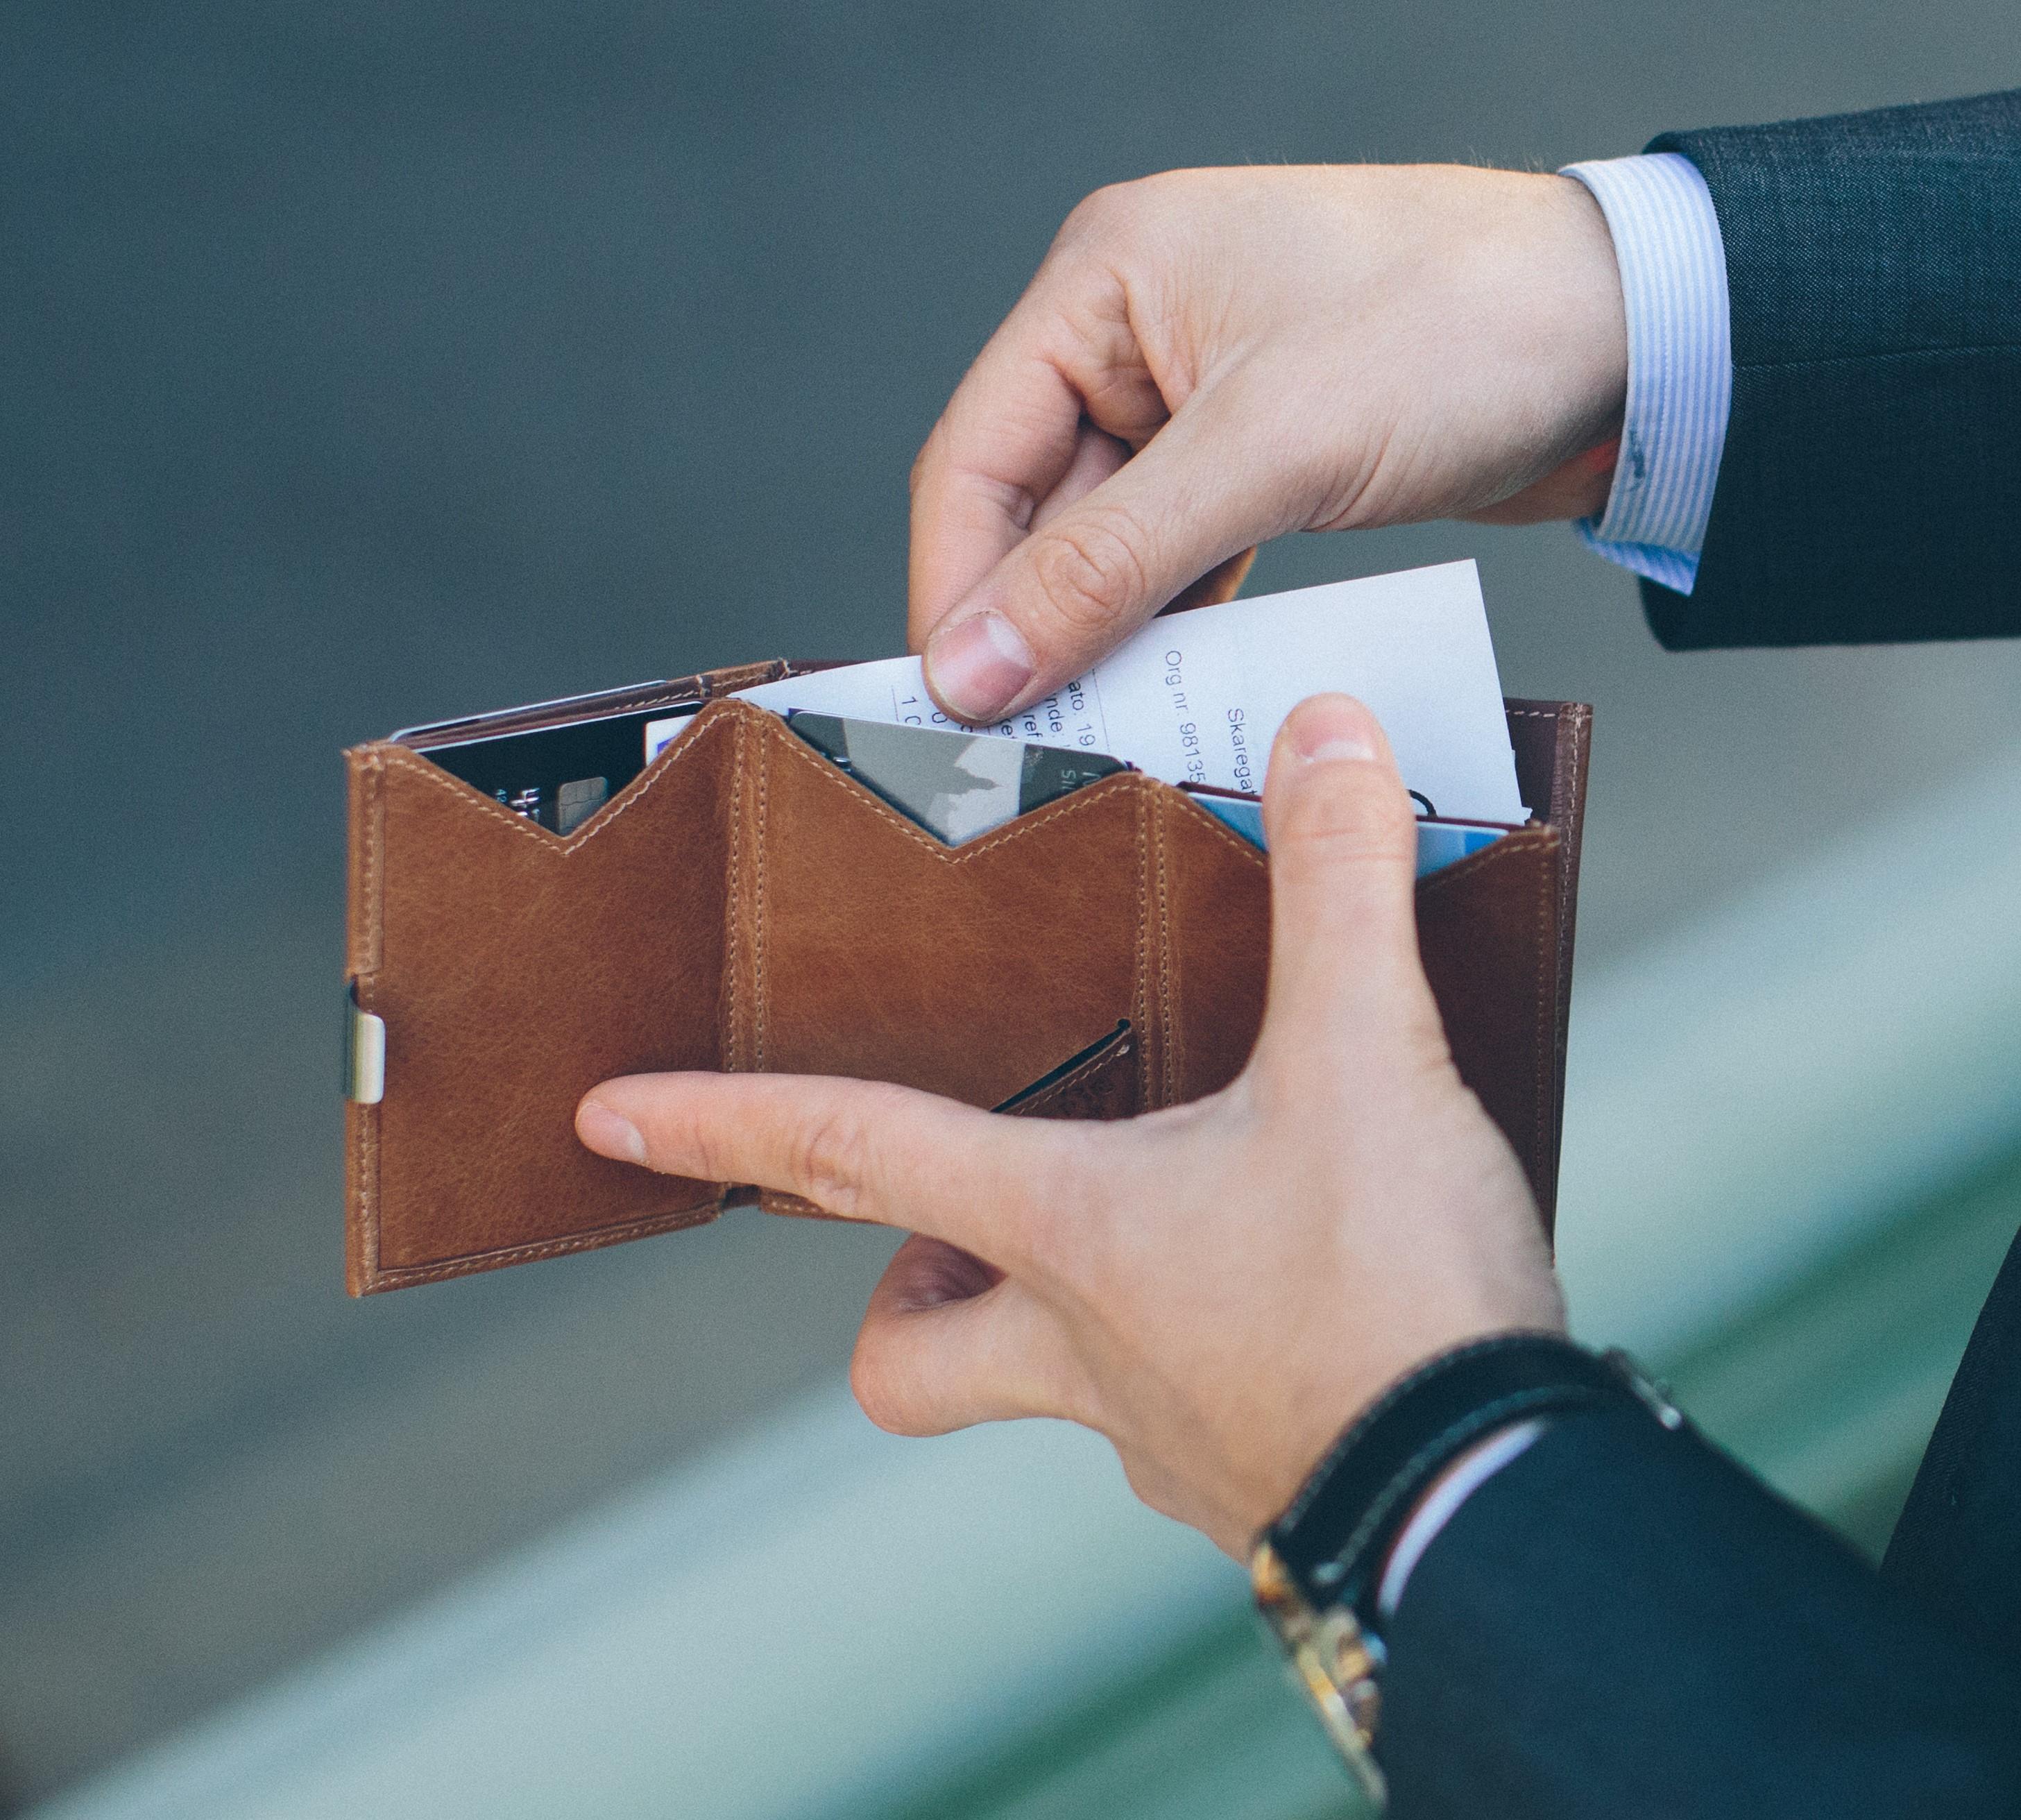 Exentri Wallet Unique Features